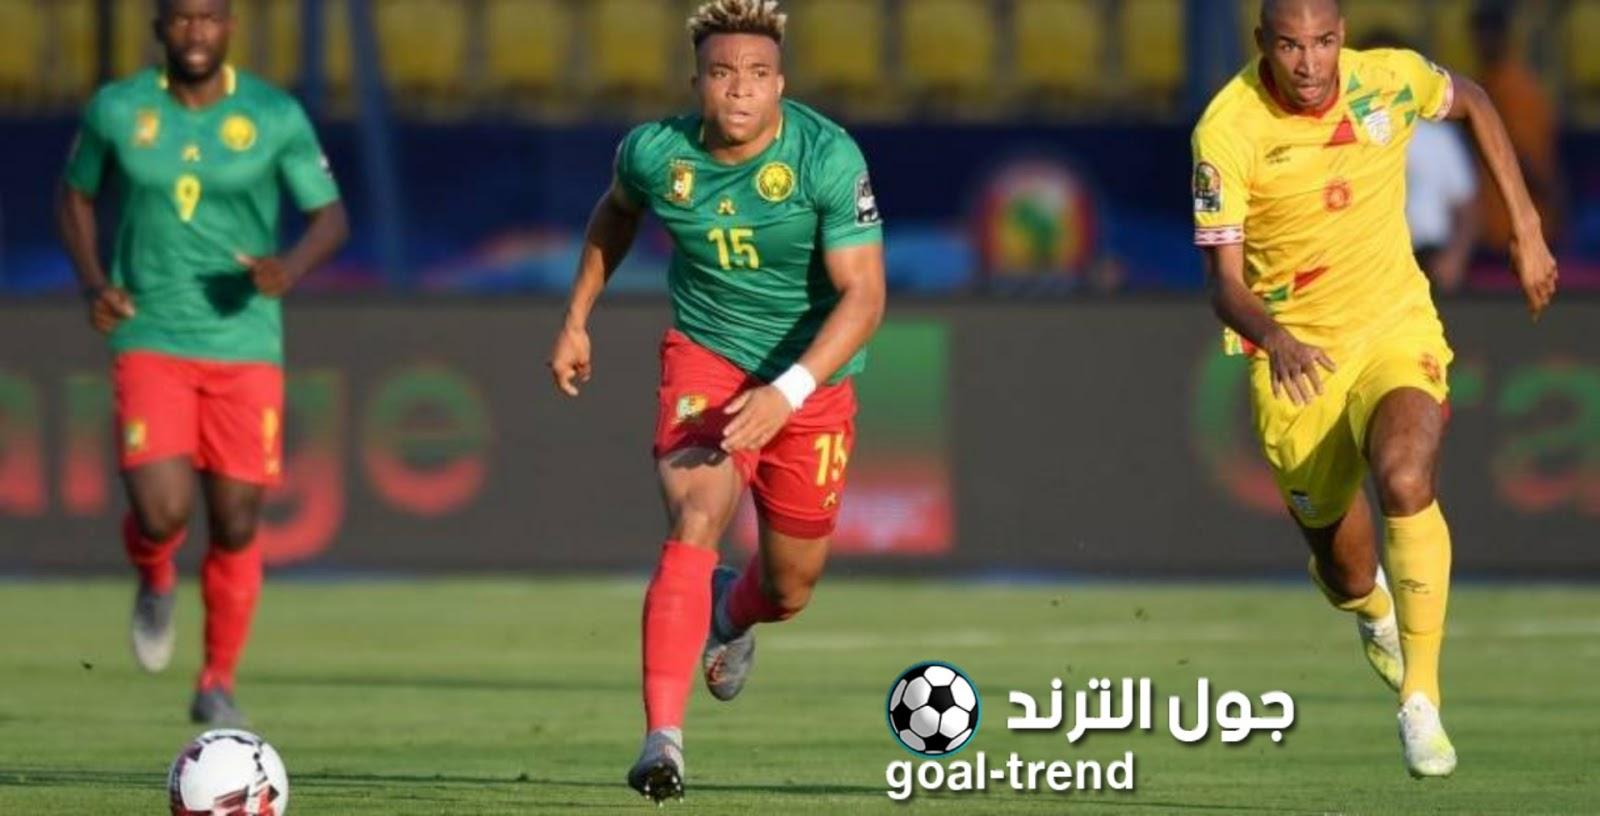 نتيجة مواجهة نيجيريا والكاميرون في كأس امم افريقيا